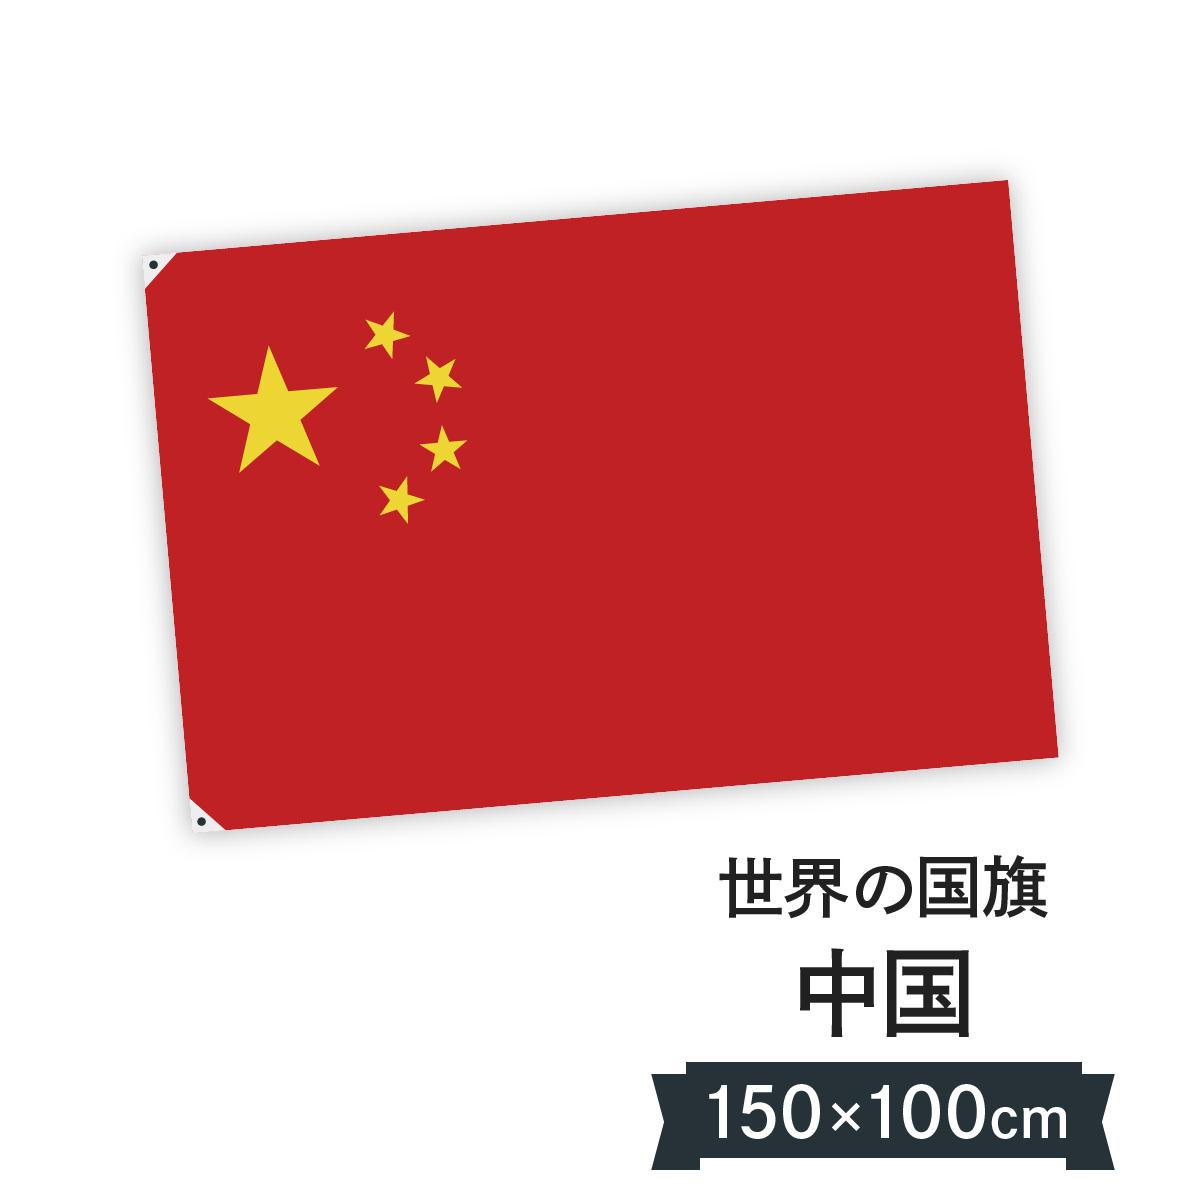 中華人民共和国 国旗 W150cm H100cm